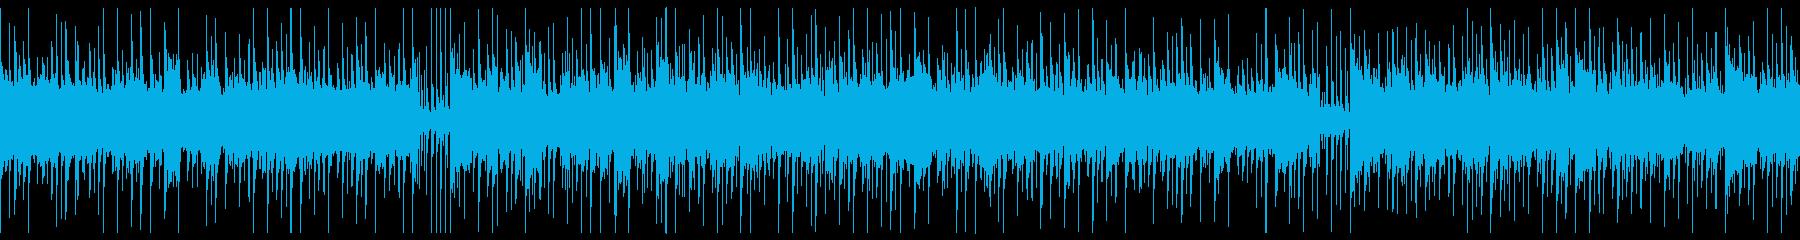 軽薄な感じのBGM,ループ仕様 の再生済みの波形